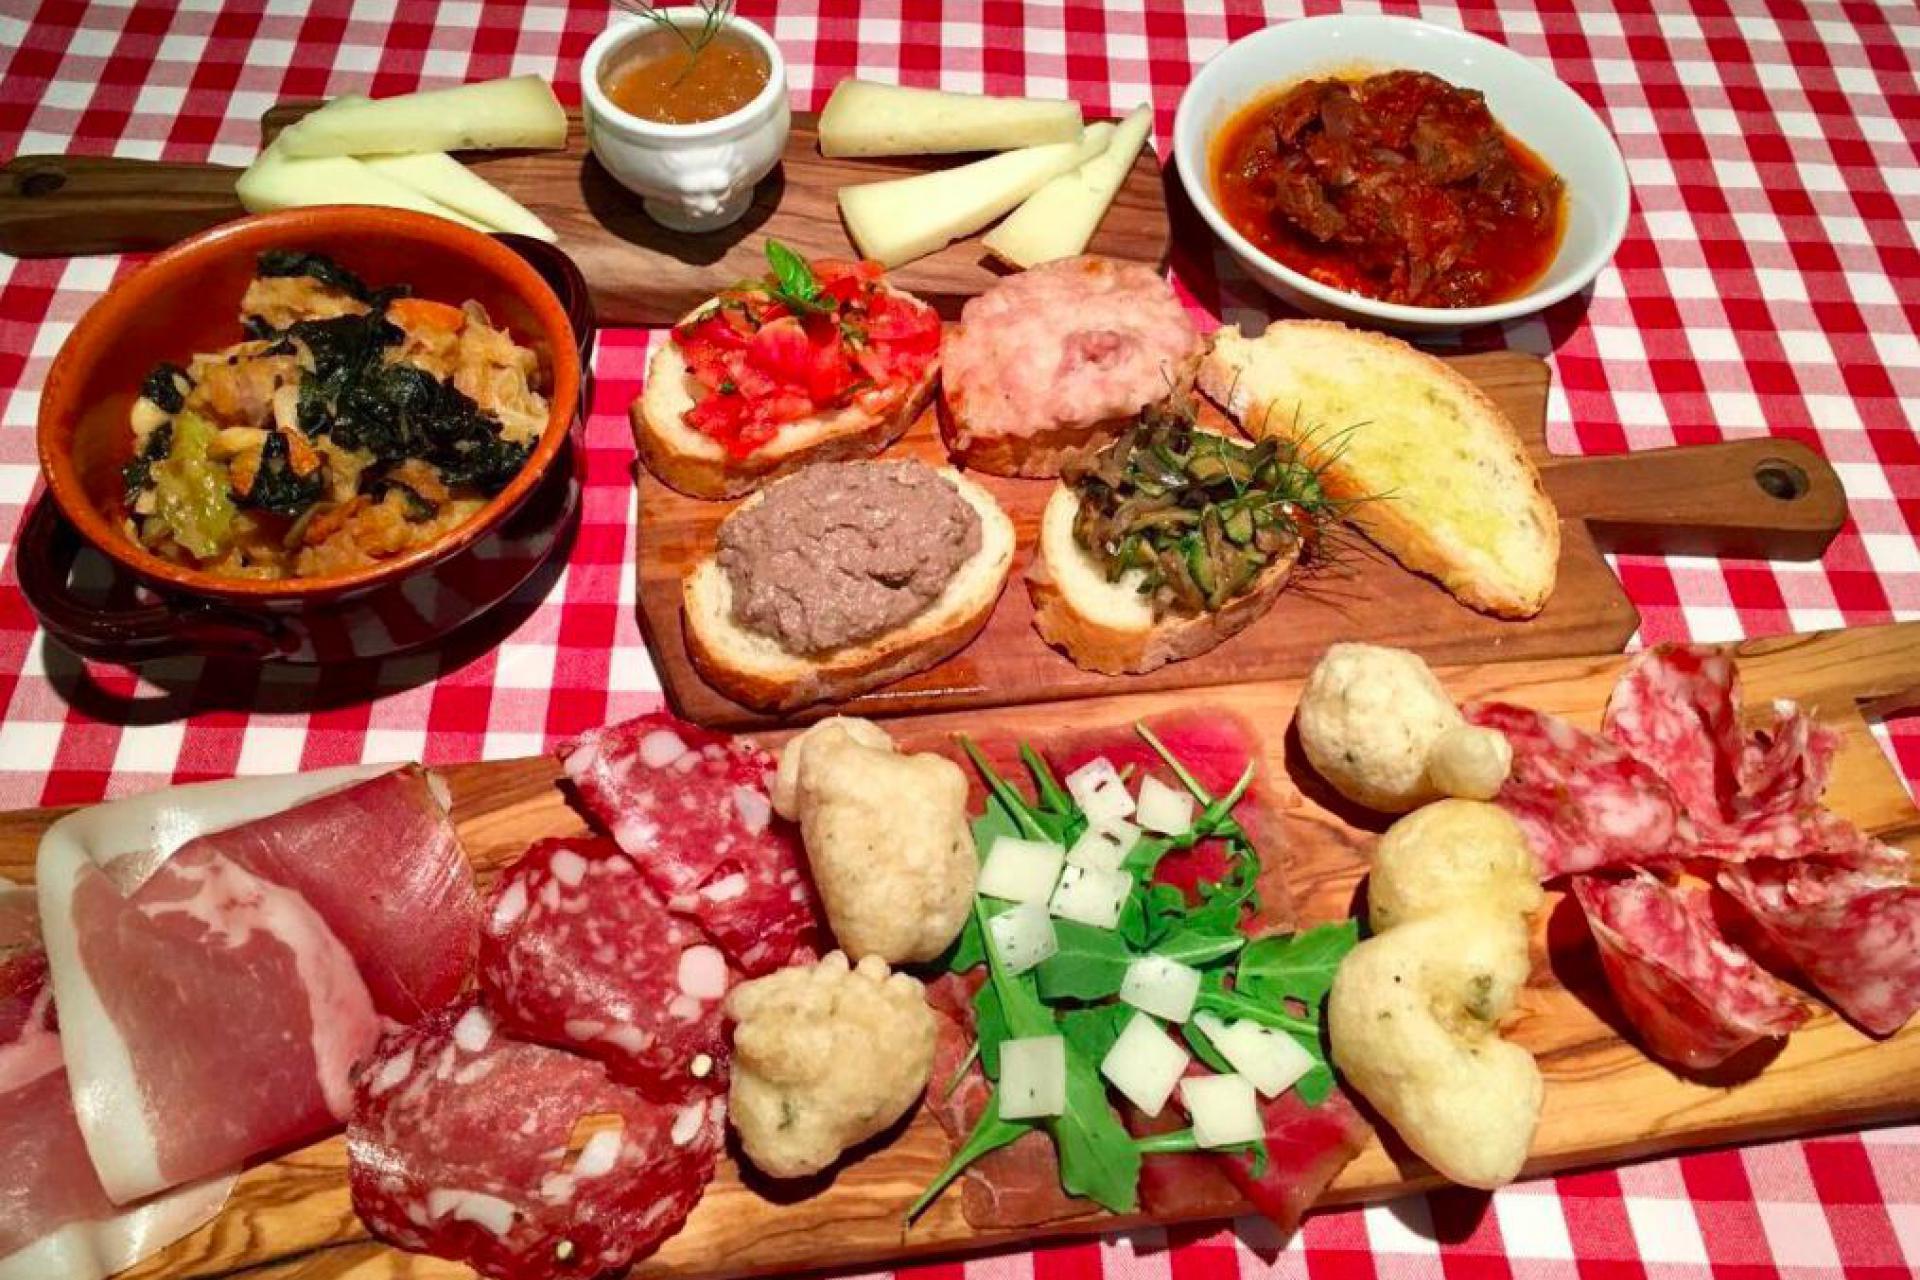 Agriturismo Toscane Kindvriendelijke agriturismo in Toscane met restaurant I myitaly.nl